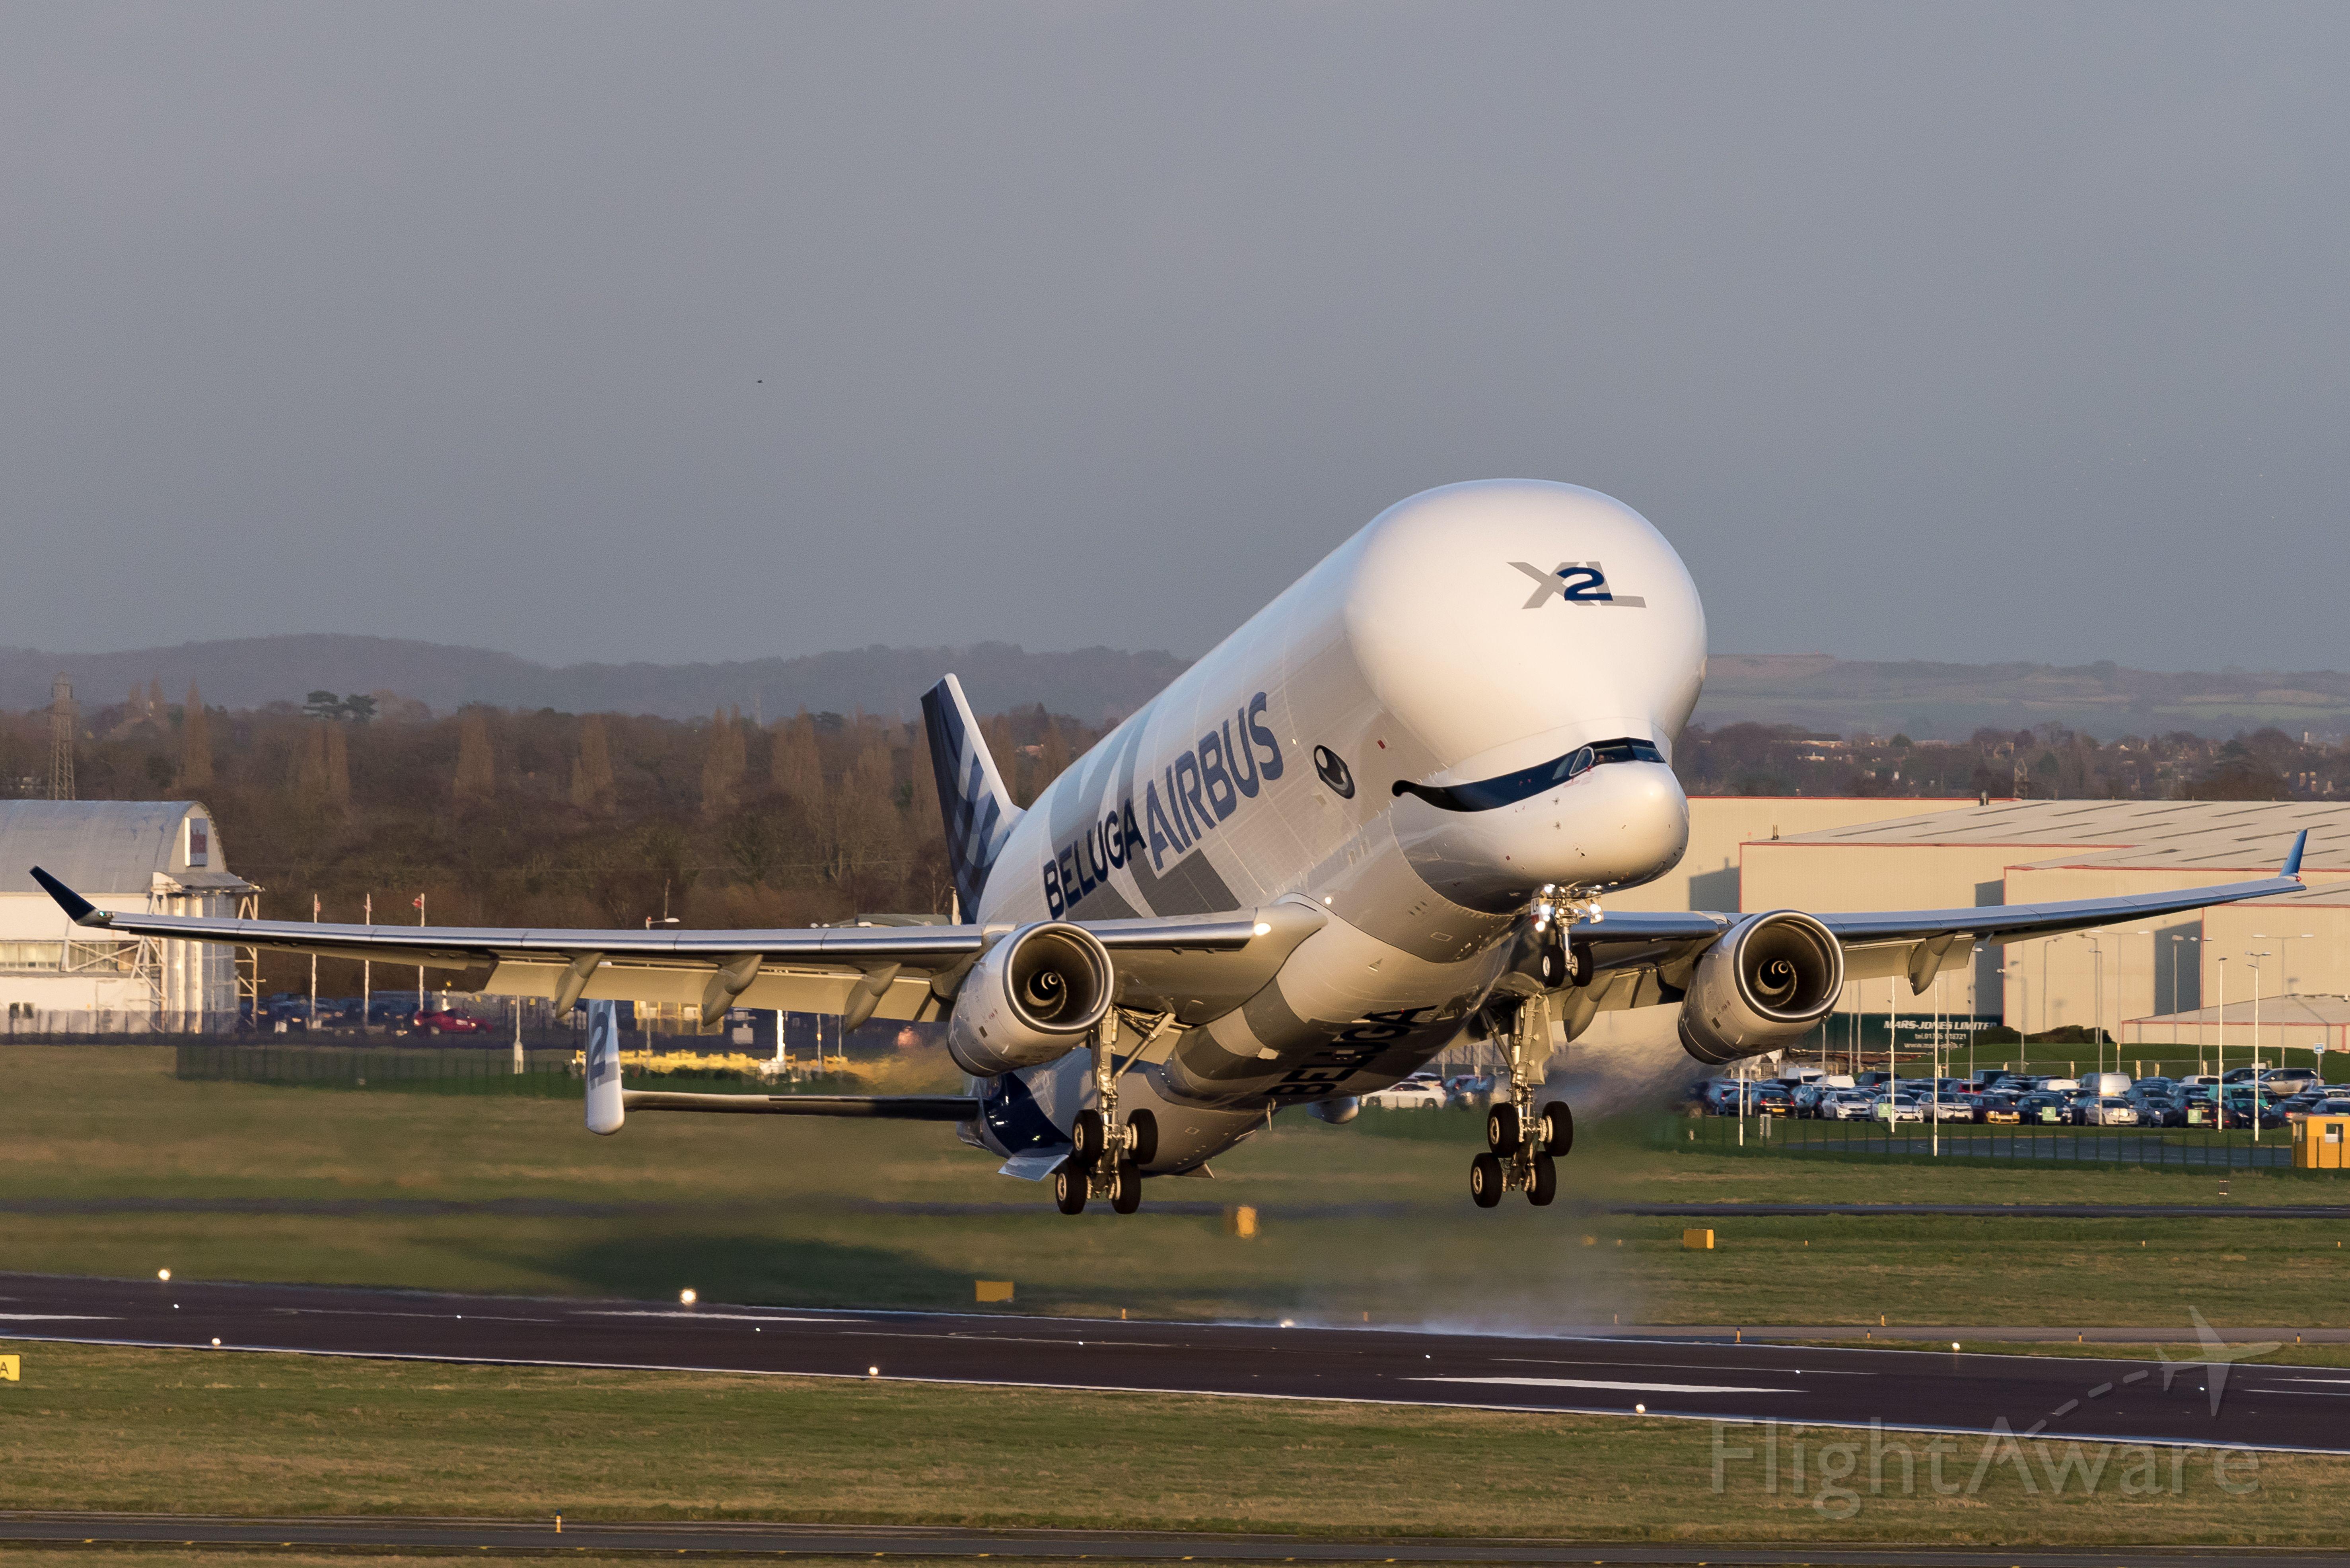 AIRBUS A-330-700 Beluga XL (F-GXLH) - Beluga XL2 take off 20.1.28